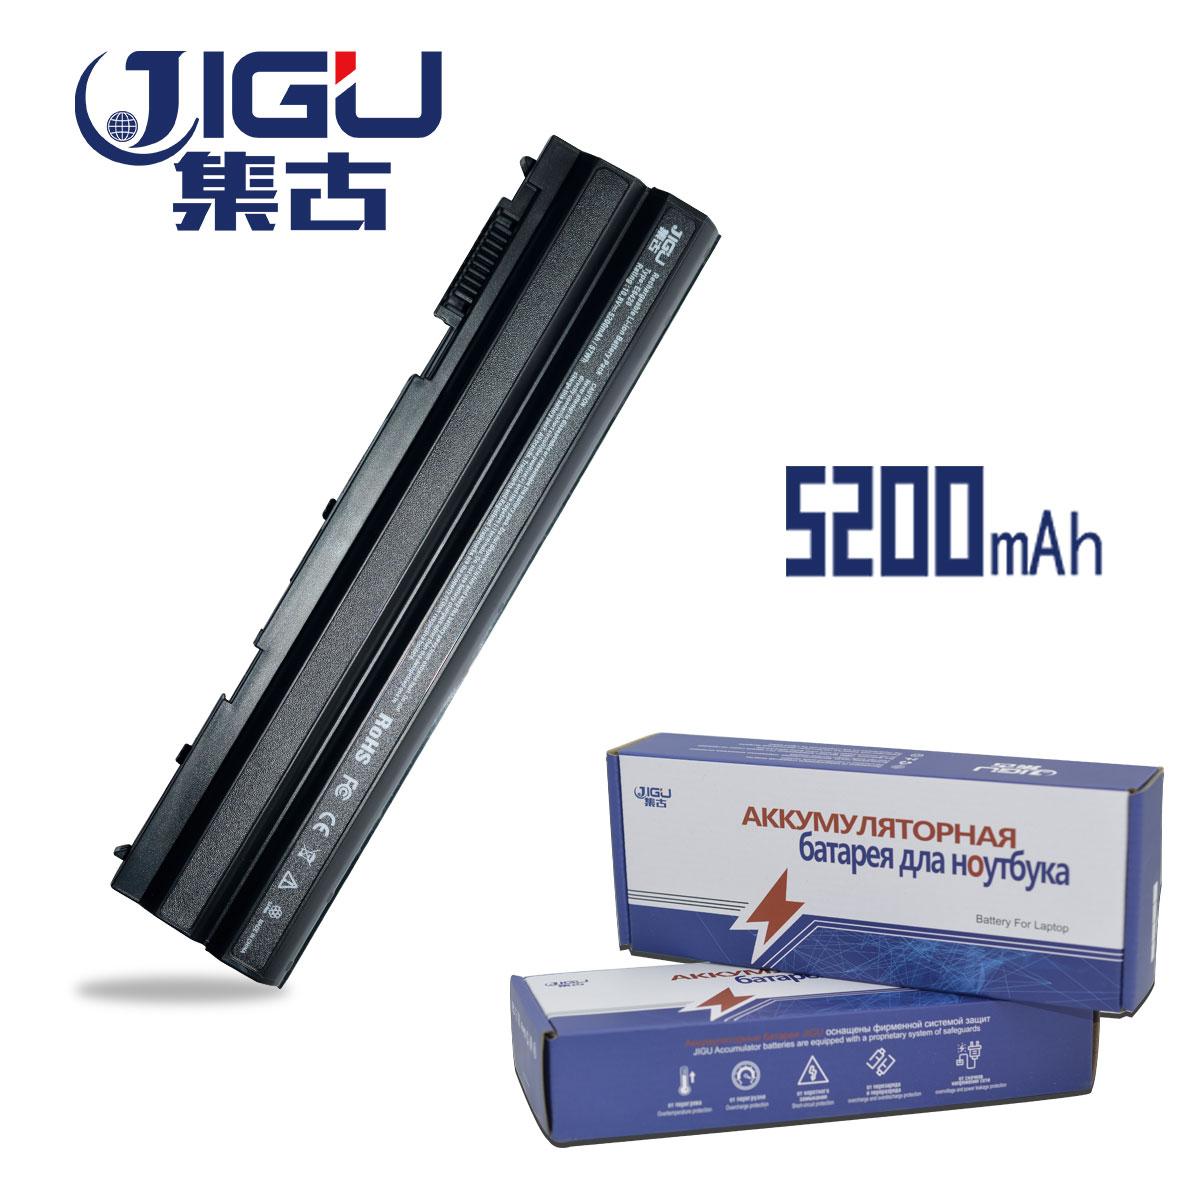 JIGU 6 Cellules Batterie Pour Dell Inspiron 5420 5520 5720 4520 4720 N7420 N7520 N7720 N5420 N5520 N5720 N4420 N4520 n4720